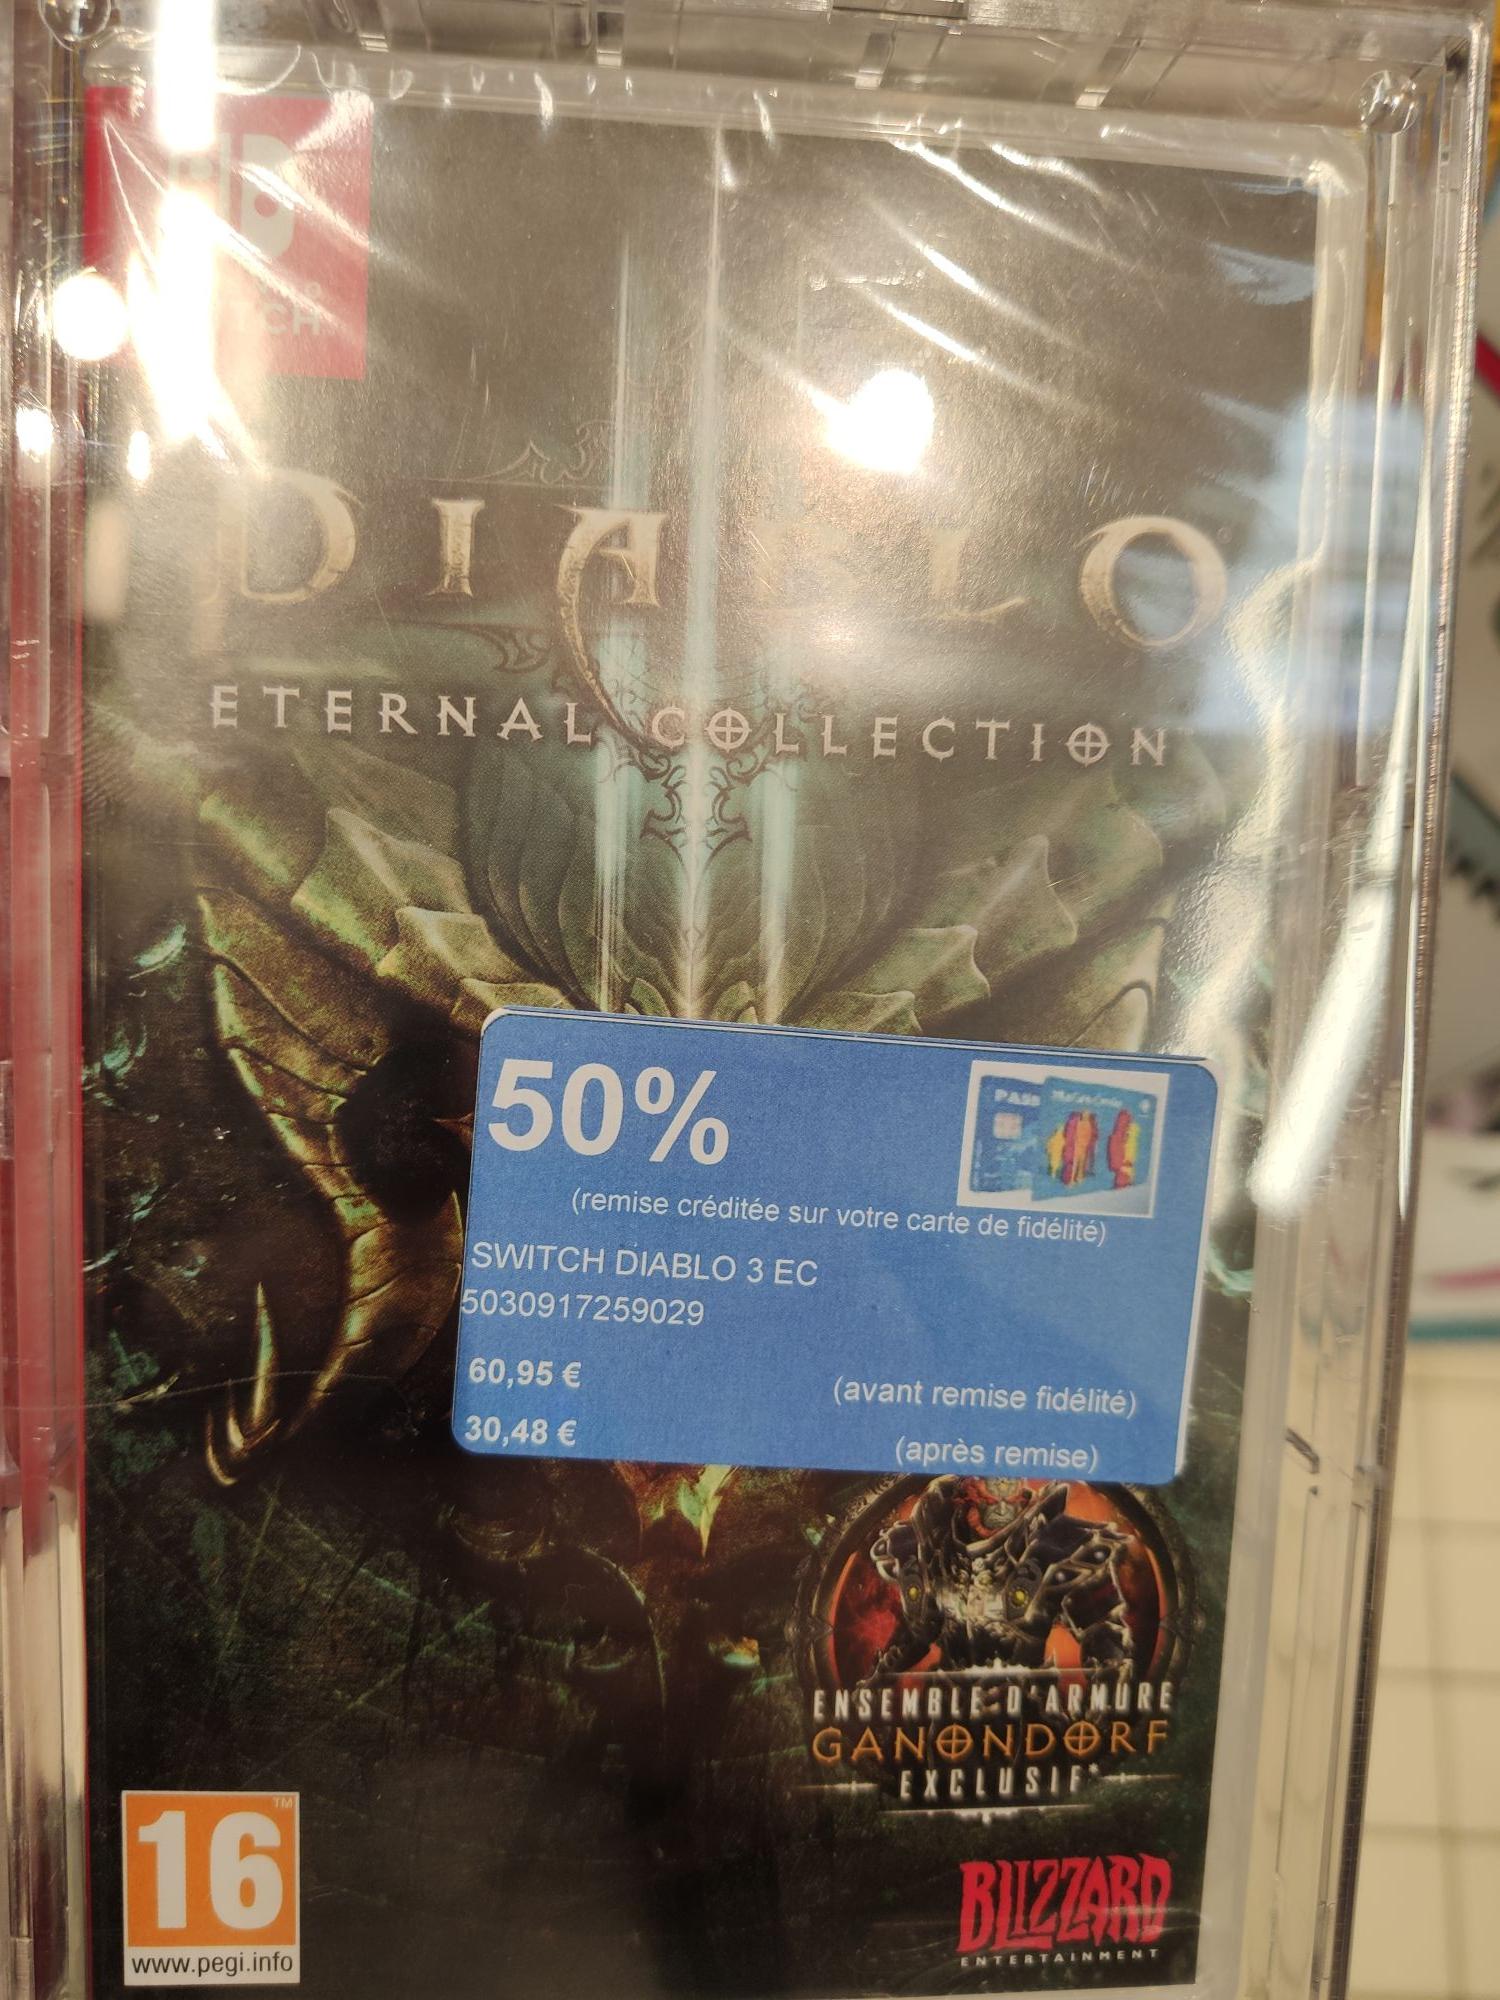 Jeu Diablo 3 Eternal Collection sur Nintendo Switch (Via 30,48€ sur le compte de fidélité) - Quimper (29)